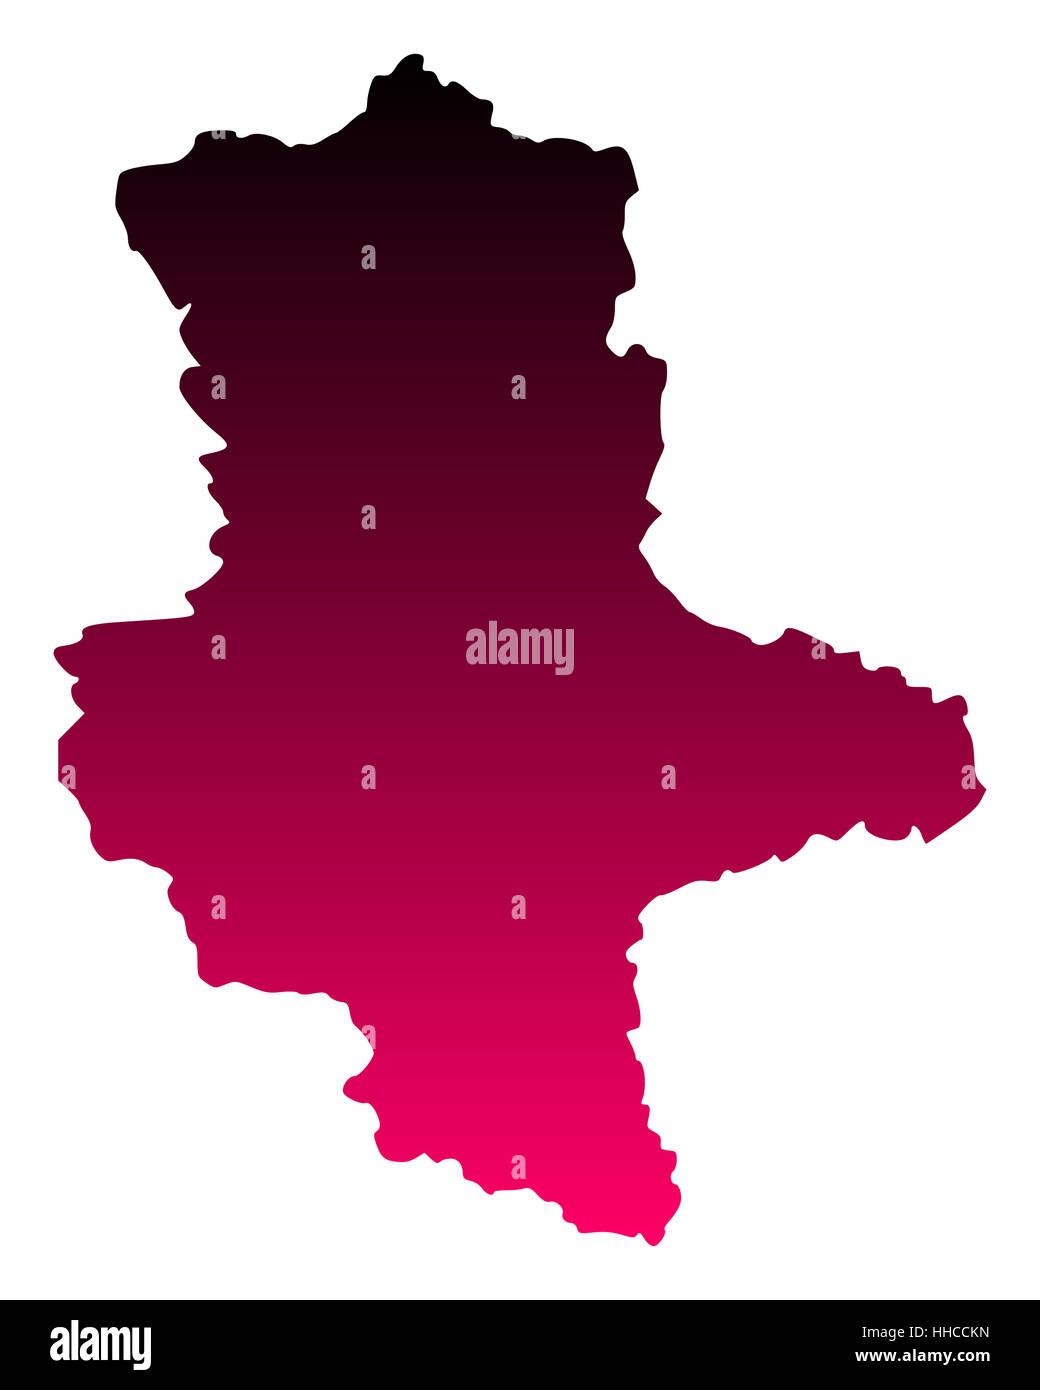 Karte von Sachsen-Anhalt - Stock Image